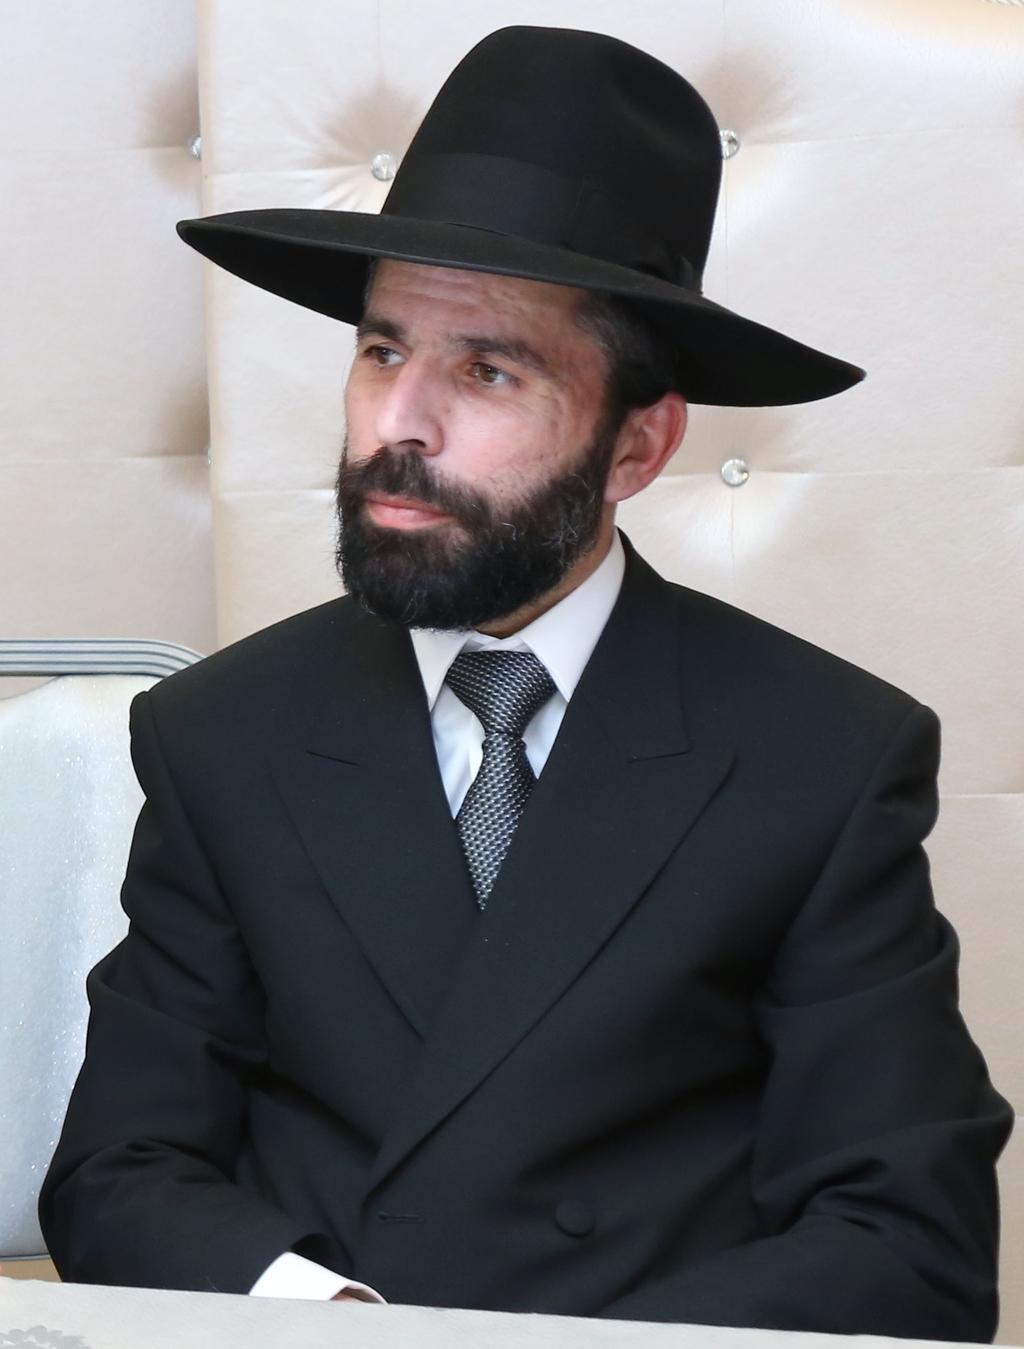 הרב זוהר כהן (צילום: יוסי שוואב)